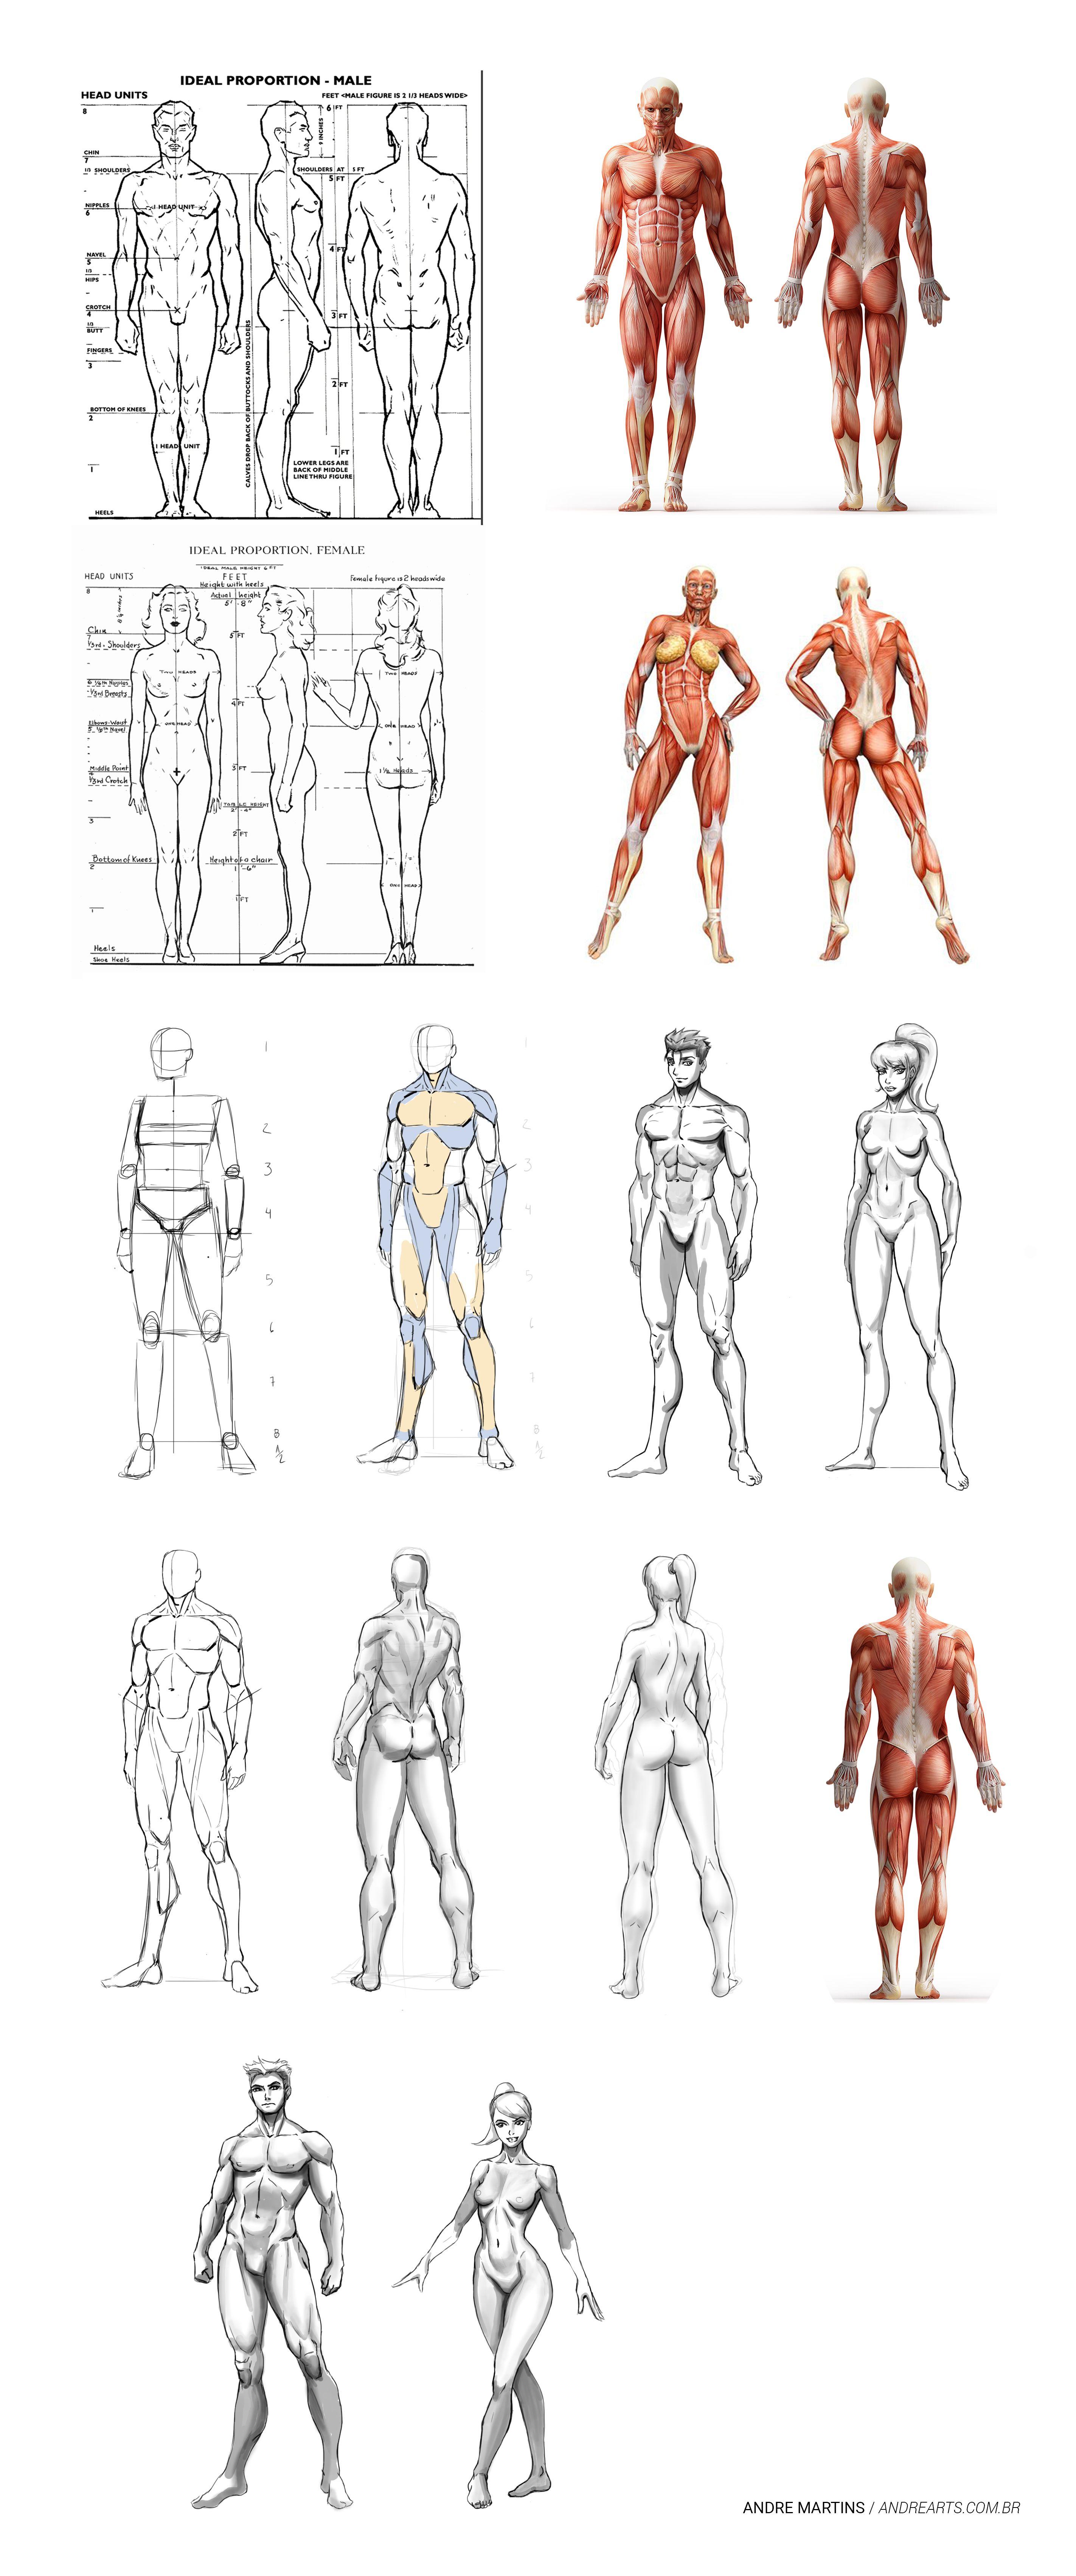 Corpo humano masculino anatomia